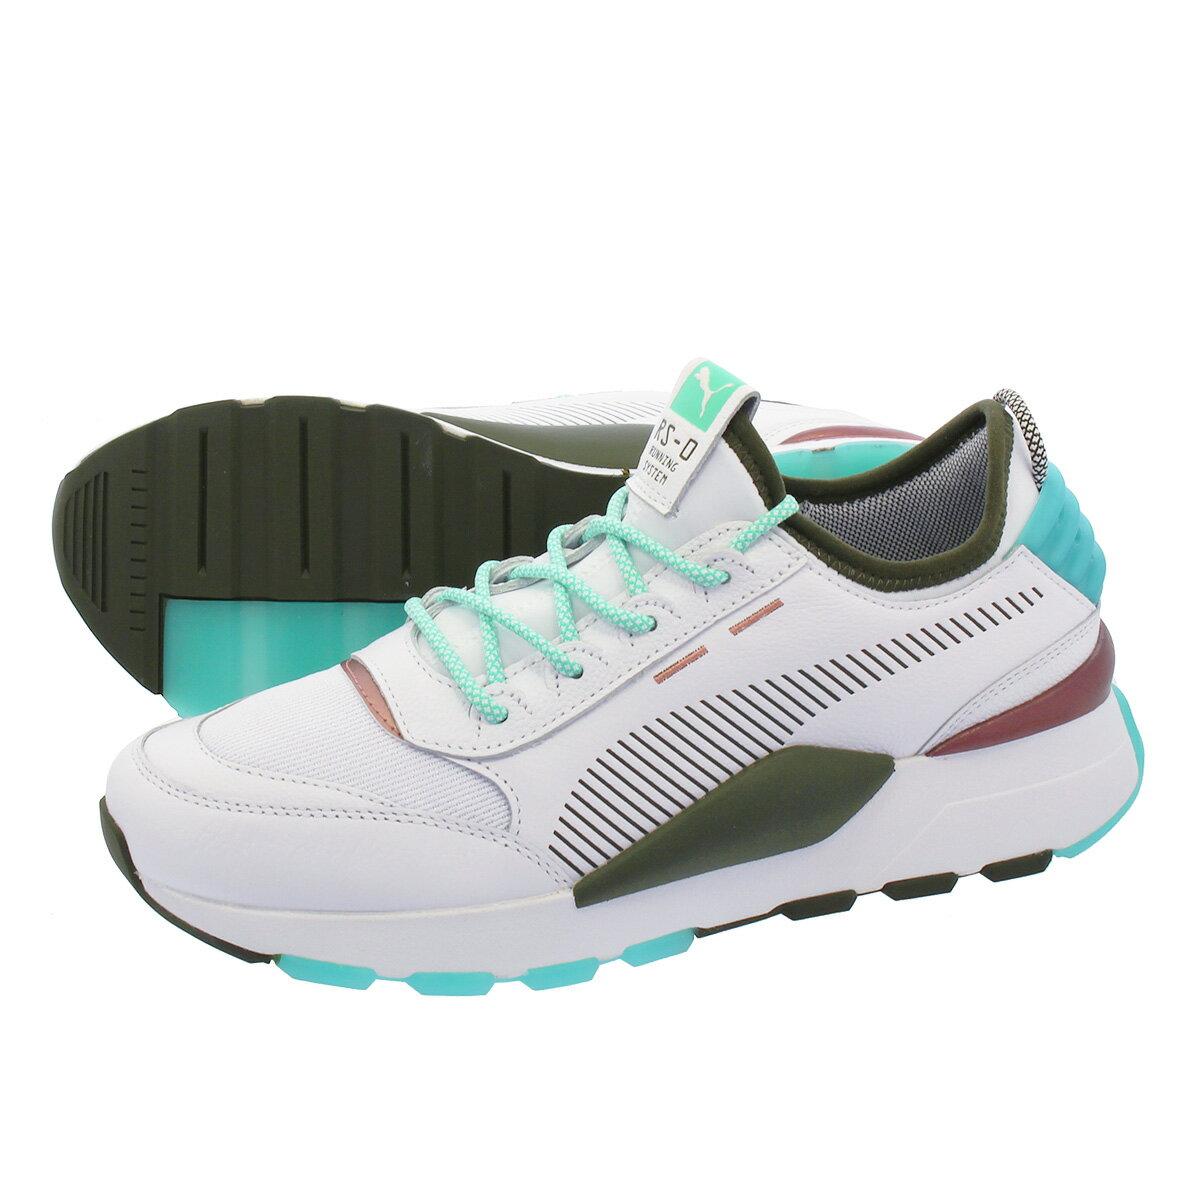 メンズ靴, スニーカー PUMA RS0 X EMORY JONES RS-0 PUMA WHITEBISCAY GREEN 368053-01